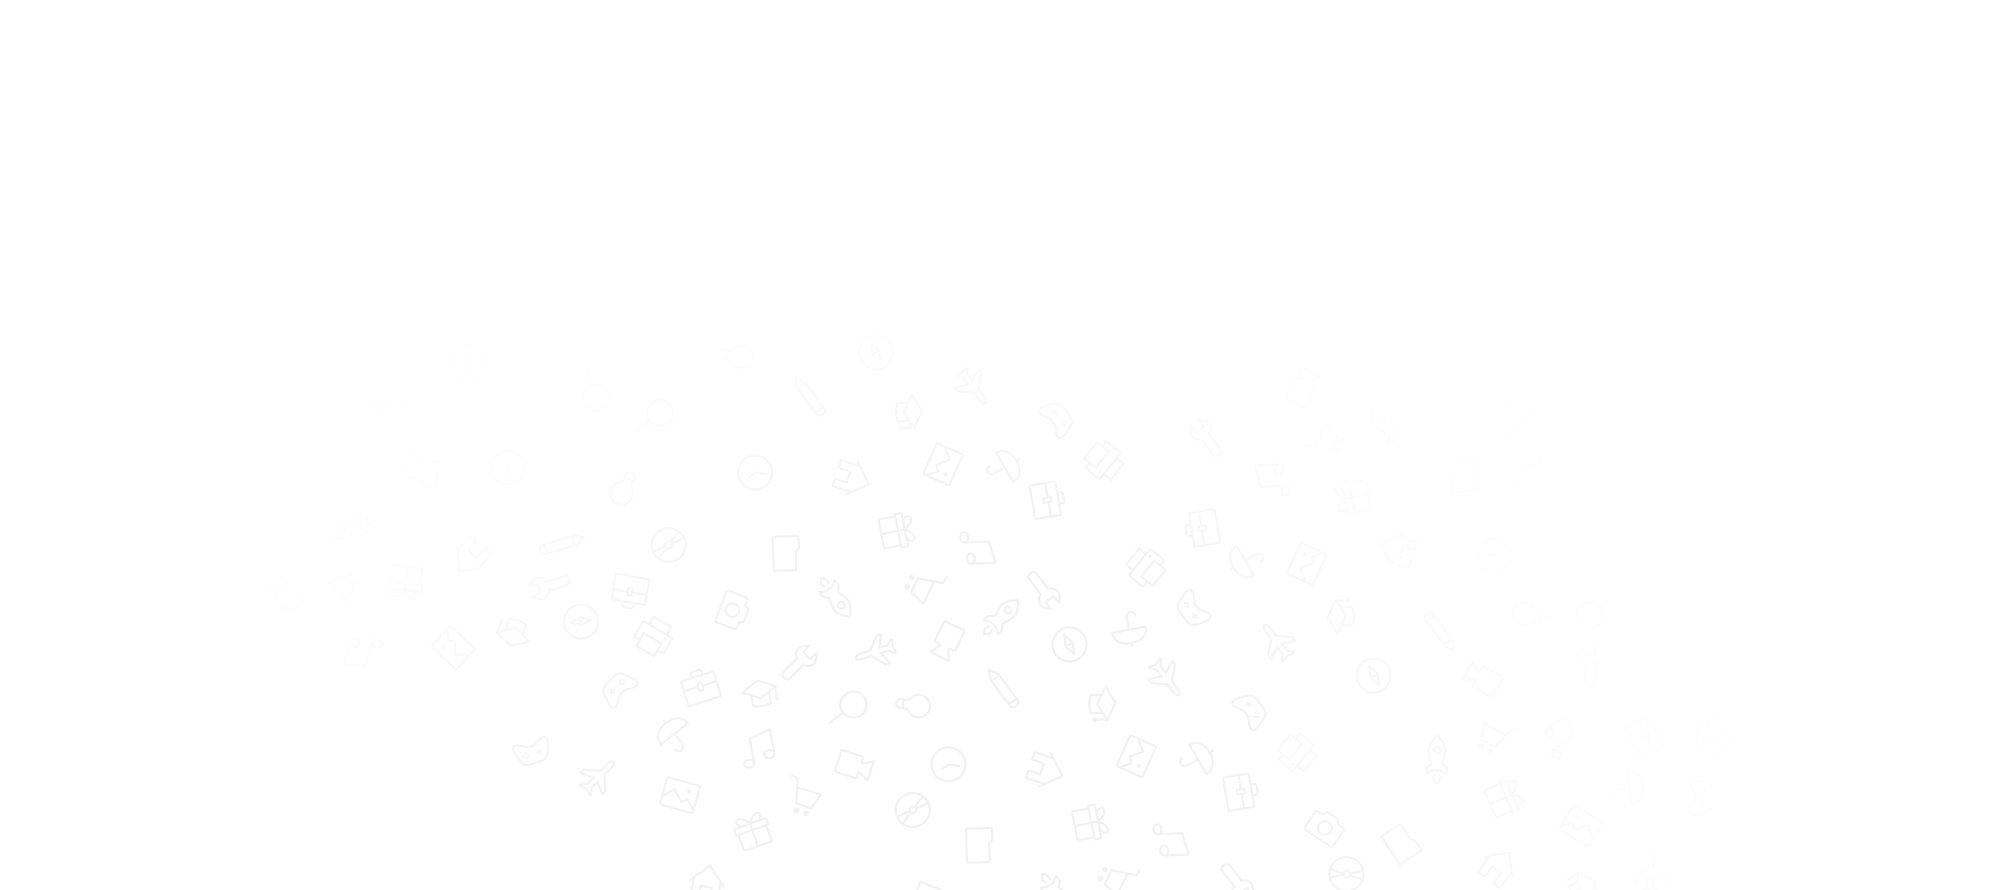 نیازمندیهای گیلان و مازندران(شمال کشور)